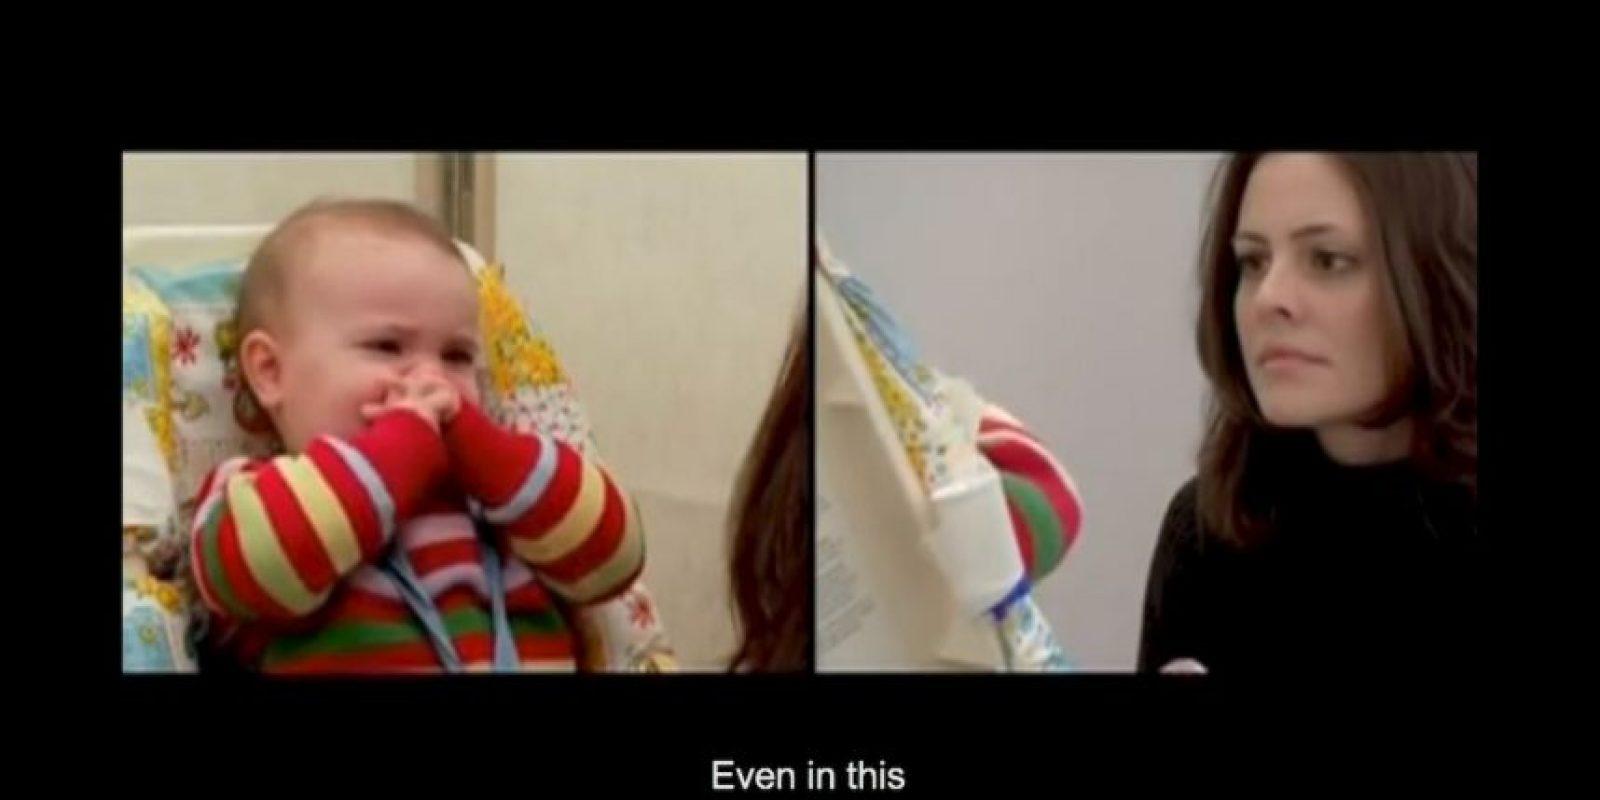 Los bebés pueden retomar su desarrollo a pesar de haber sufrido negligencia por parte de sus padres Foto:Captura de Pantalla UMass